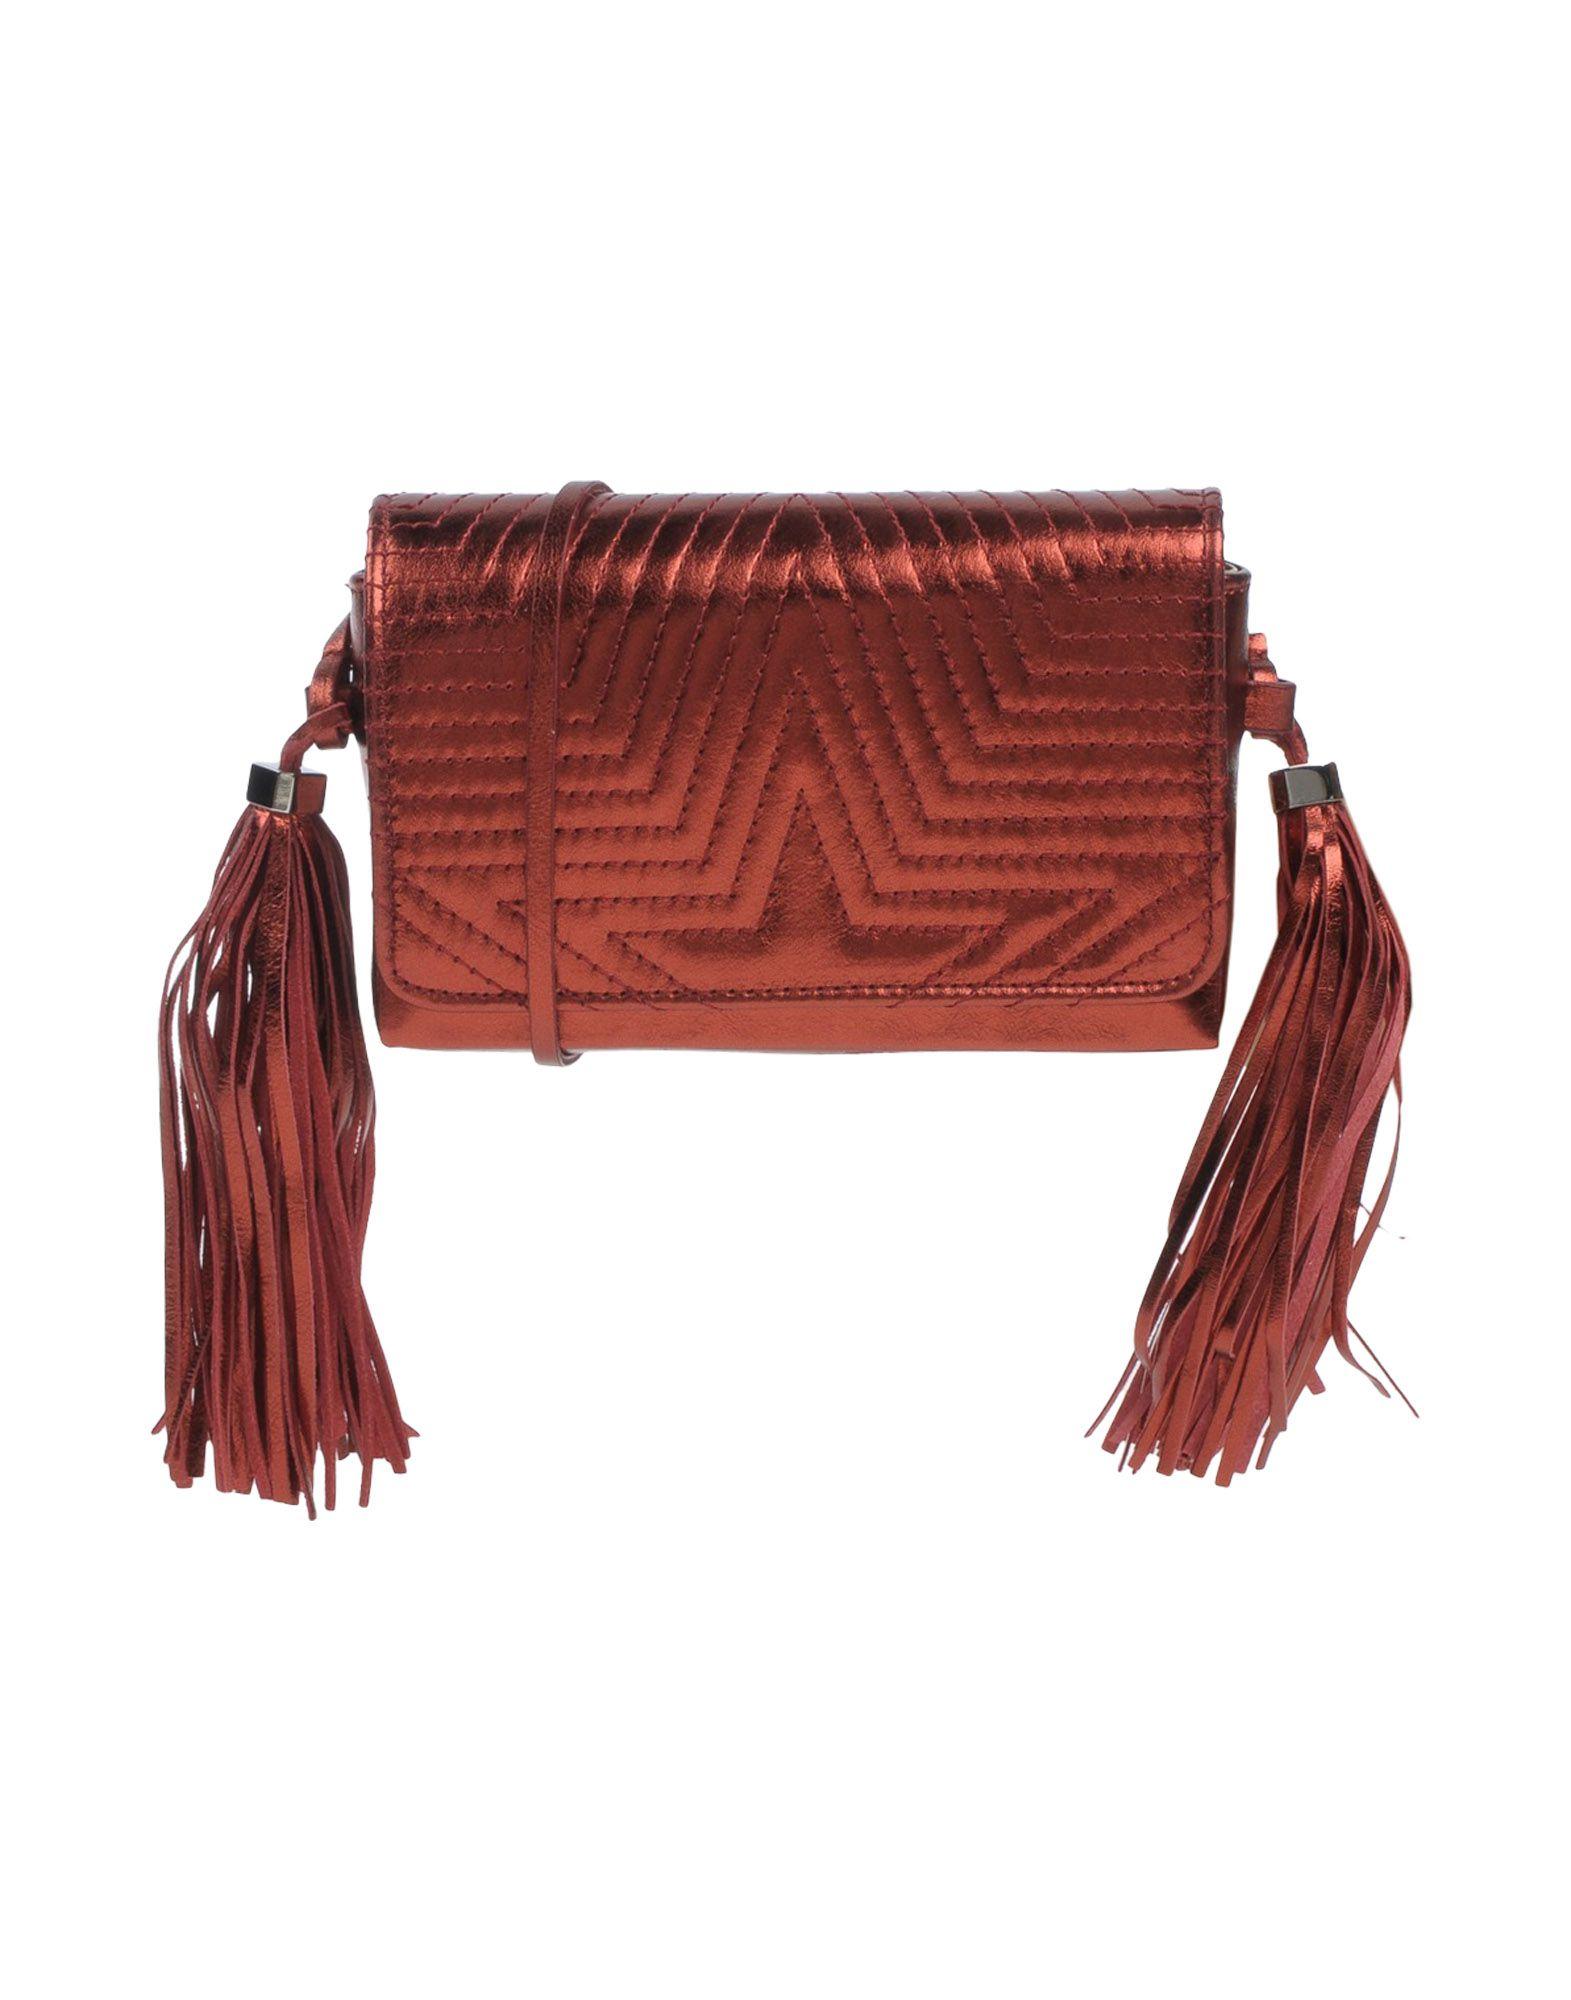 GOLDEN GOOSE DELUXE BRAND Сумка через плечо сумка через плечо brand name brand new messenger 2015 b1294